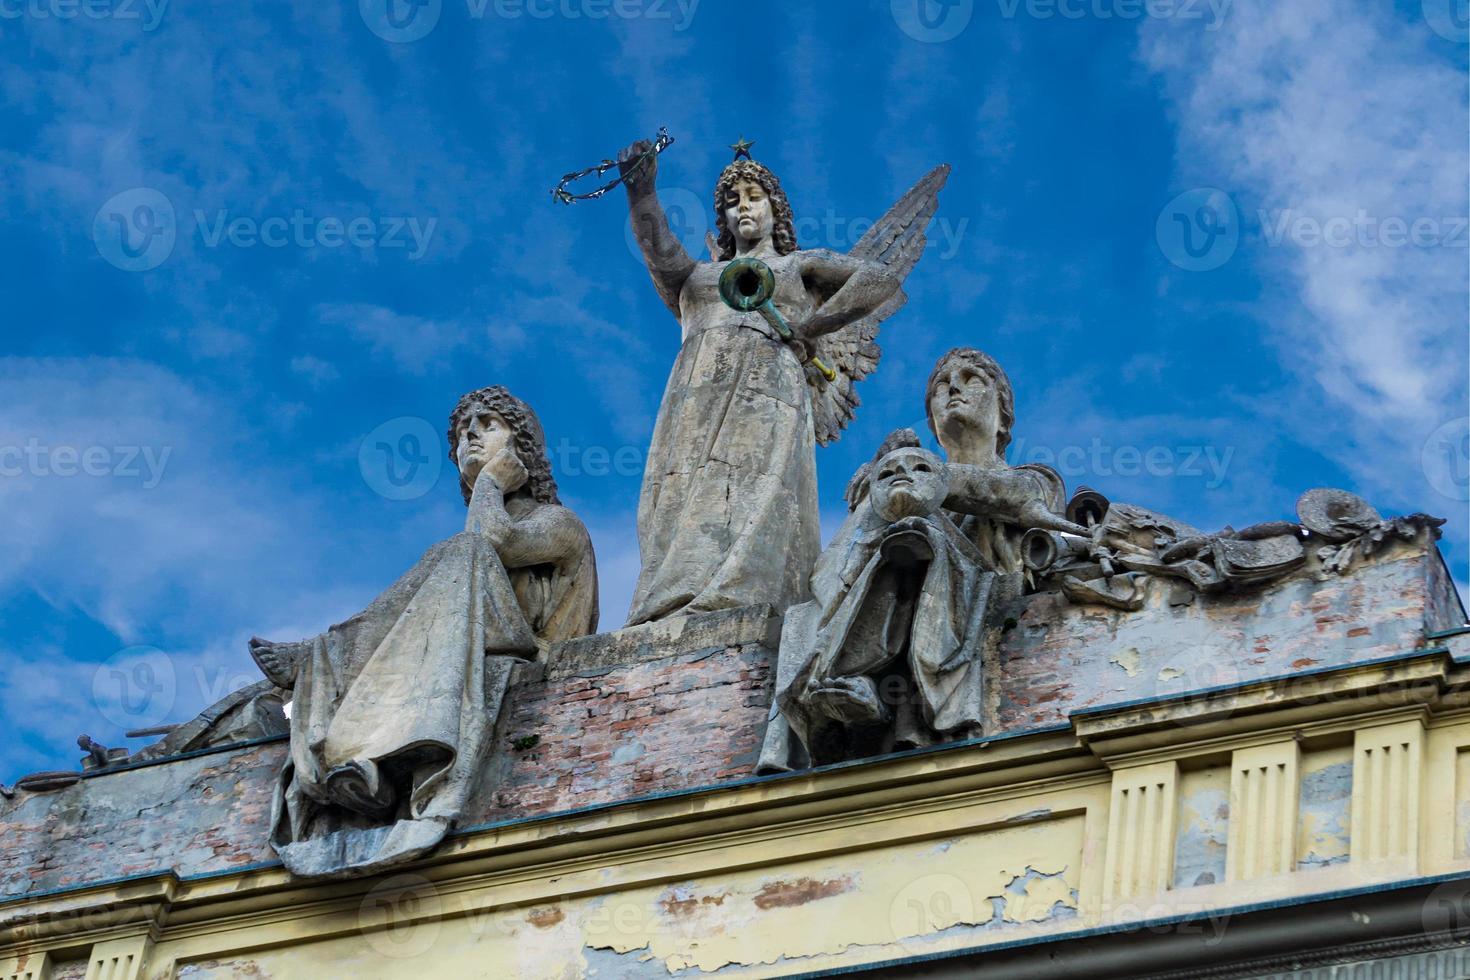 sculpturen op het dak van theater Arena del Sole in Bologna foto